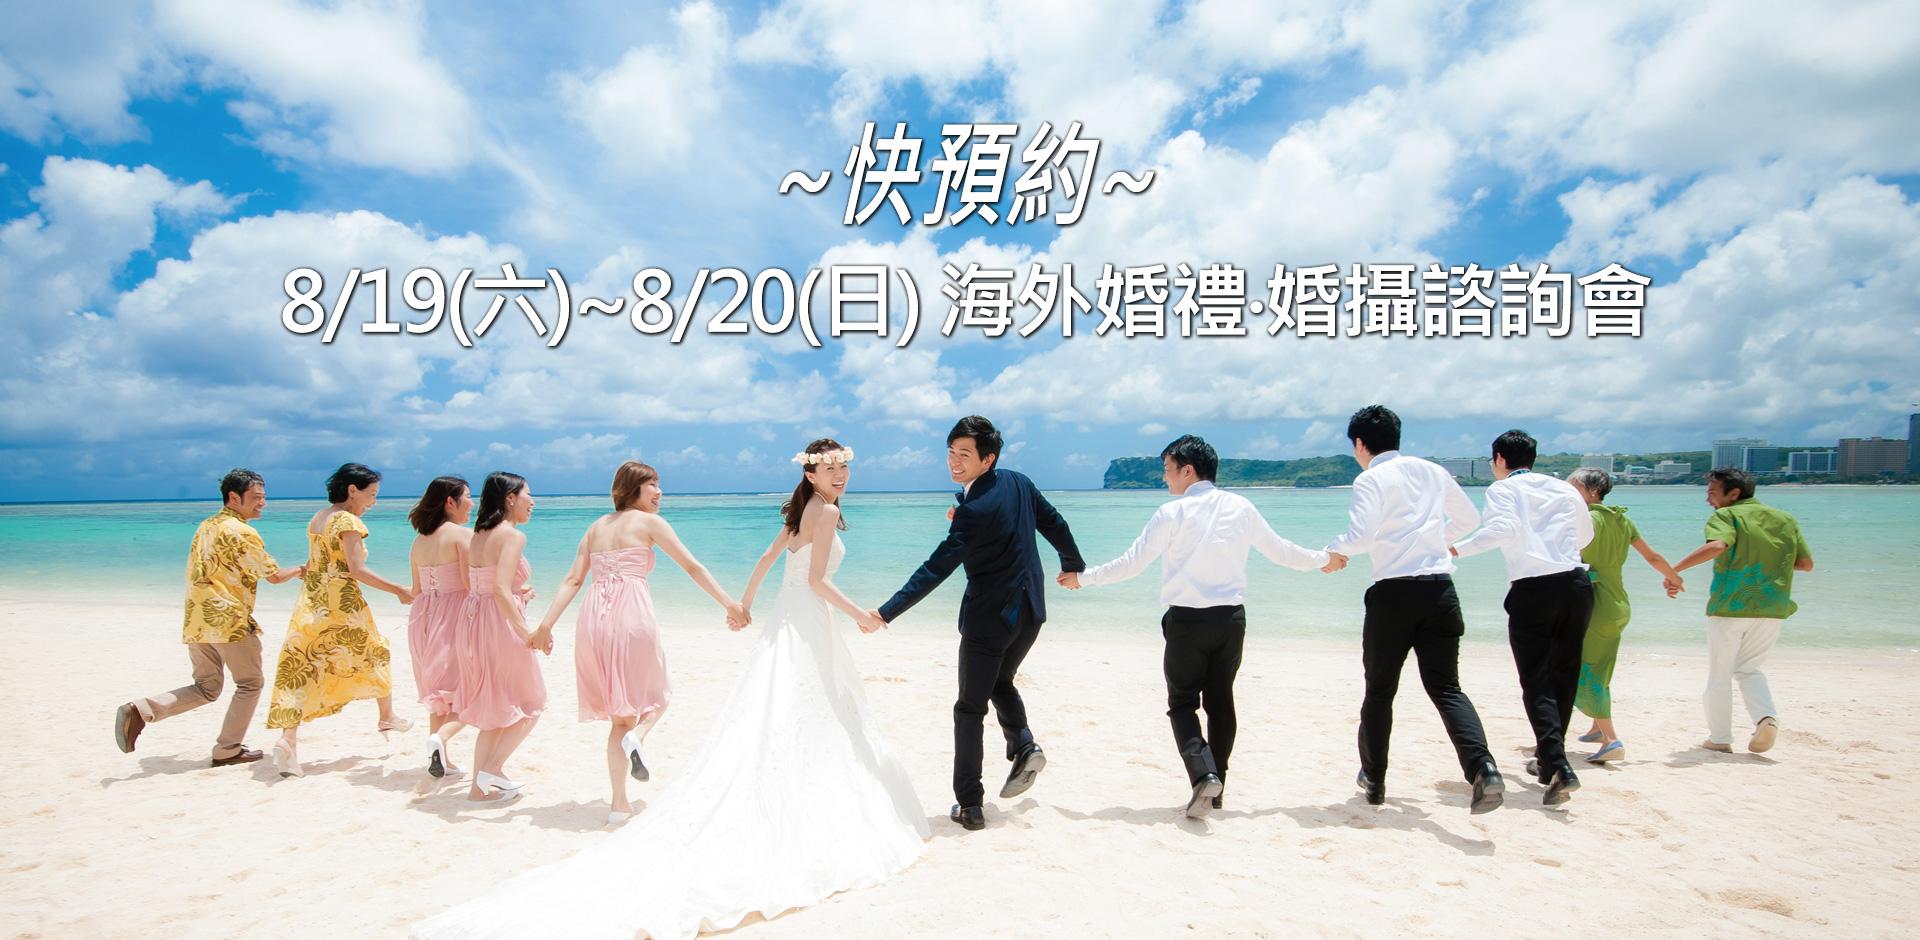 快預約! 8/19(六)~8/20(日)海外婚禮‧婚攝諮詢會